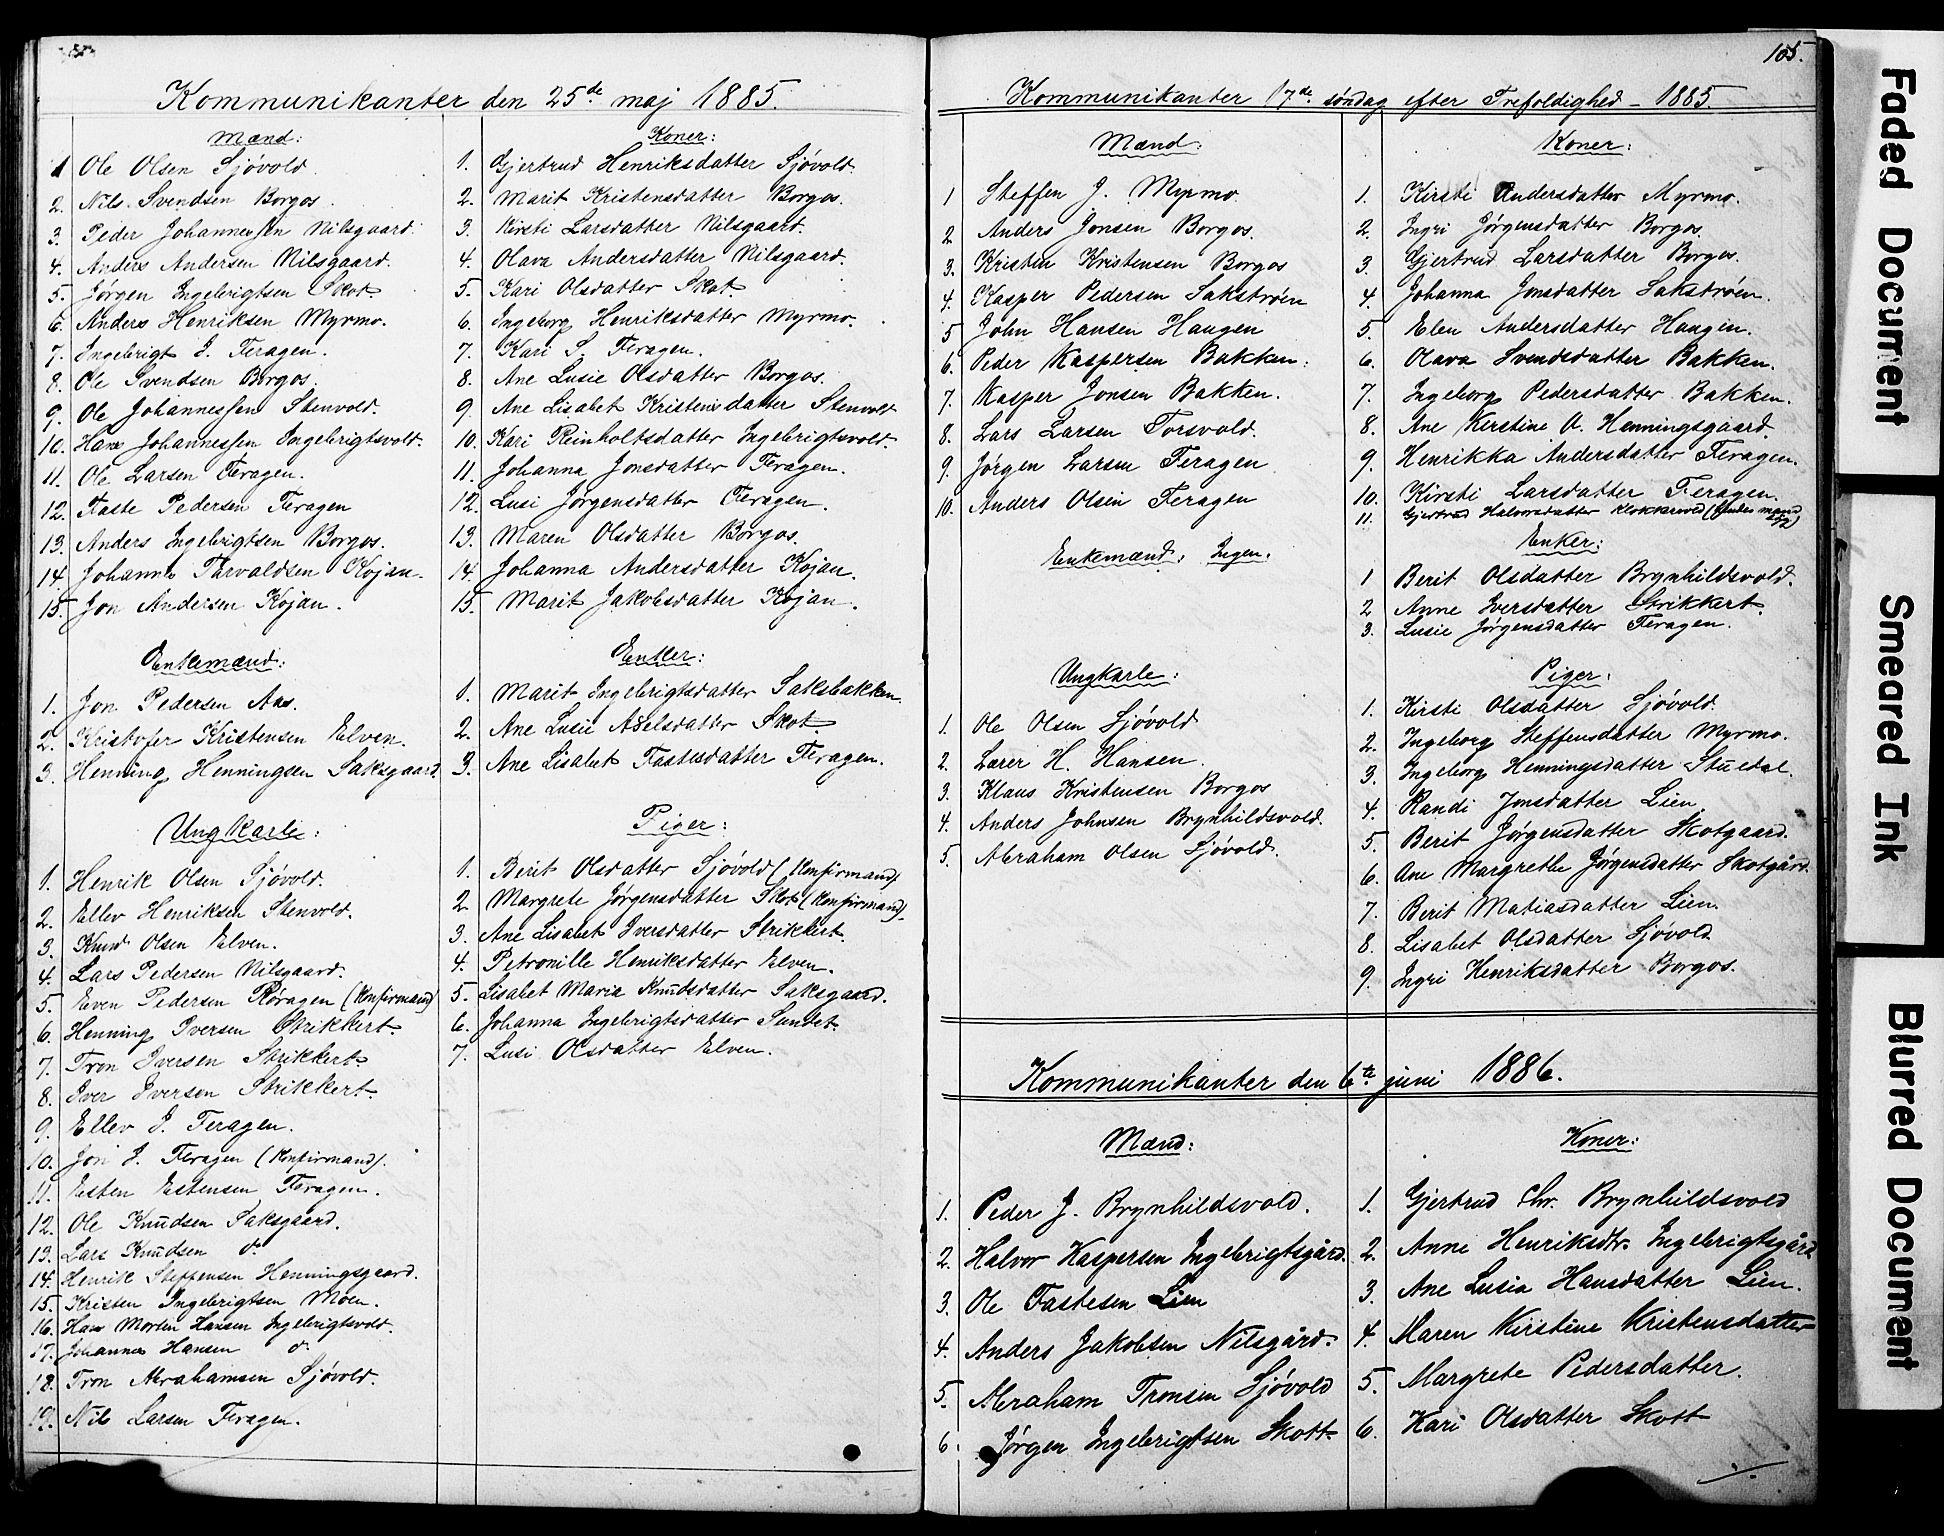 SAT, Ministerialprotokoller, klokkerbøker og fødselsregistre - Sør-Trøndelag, 683/L0949: Klokkerbok nr. 683C01, 1880-1896, s. 105